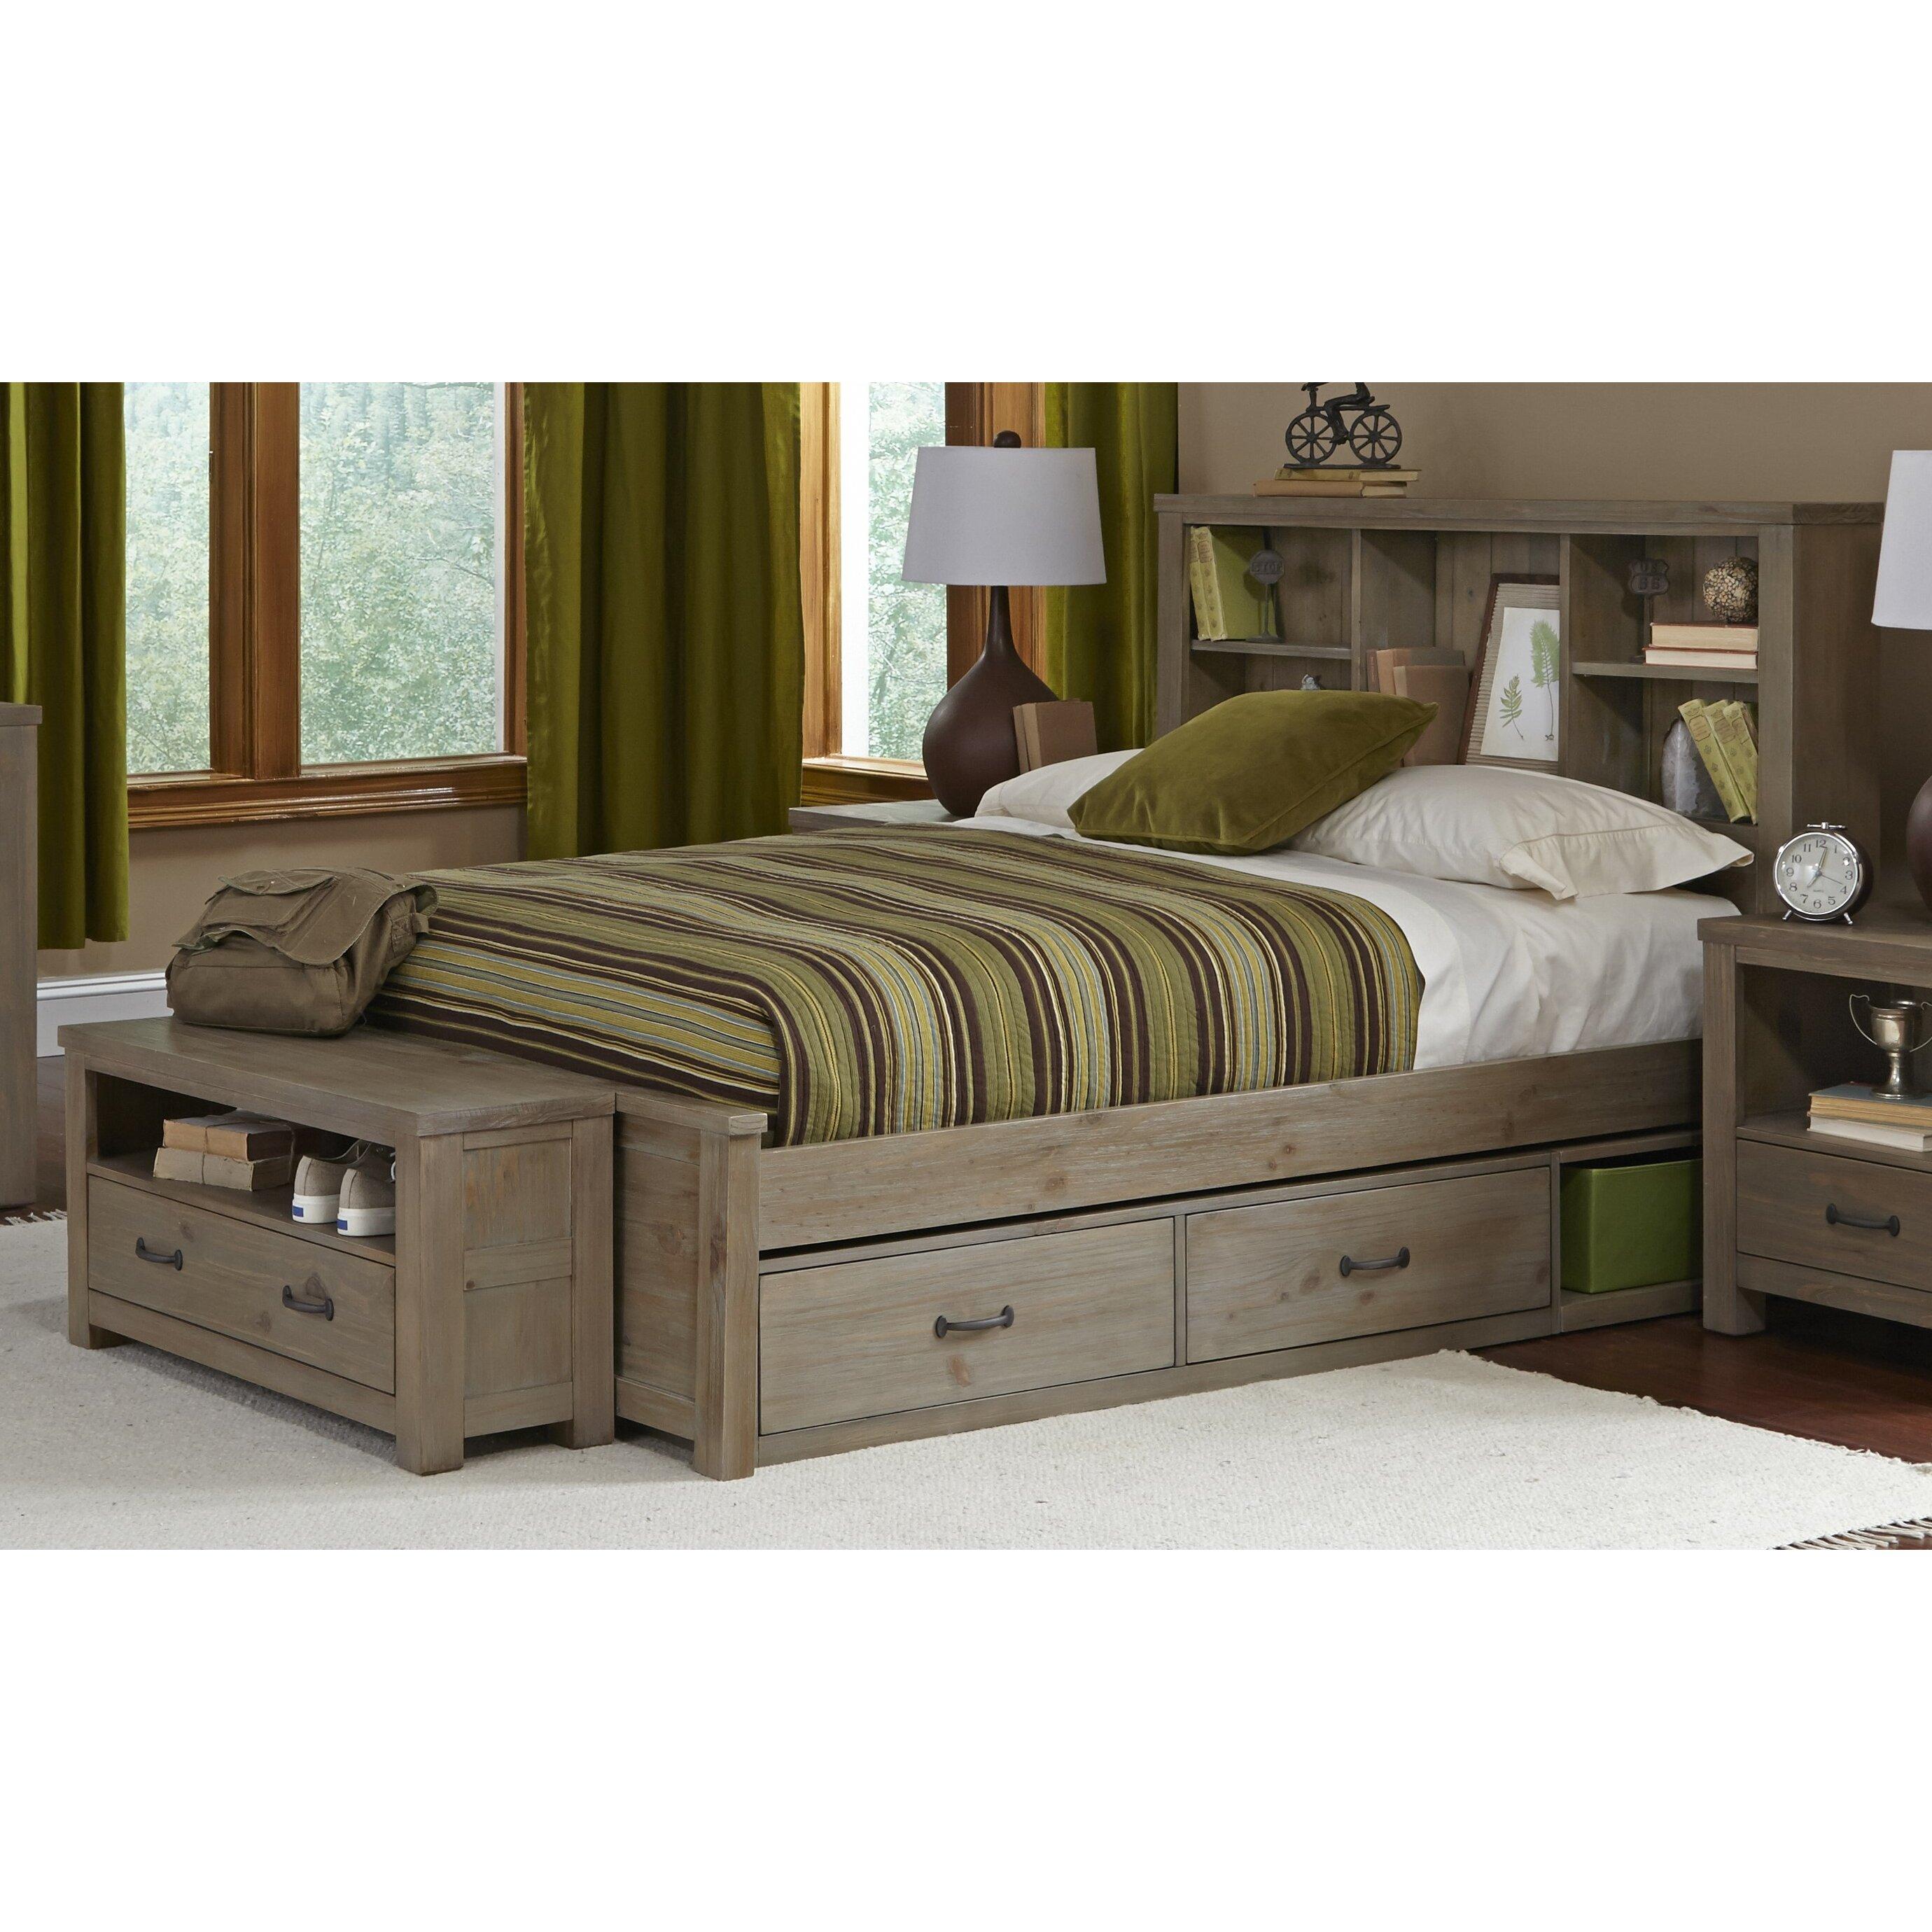 viv rae wilbur platform bed with bookcase wayfair. Black Bedroom Furniture Sets. Home Design Ideas